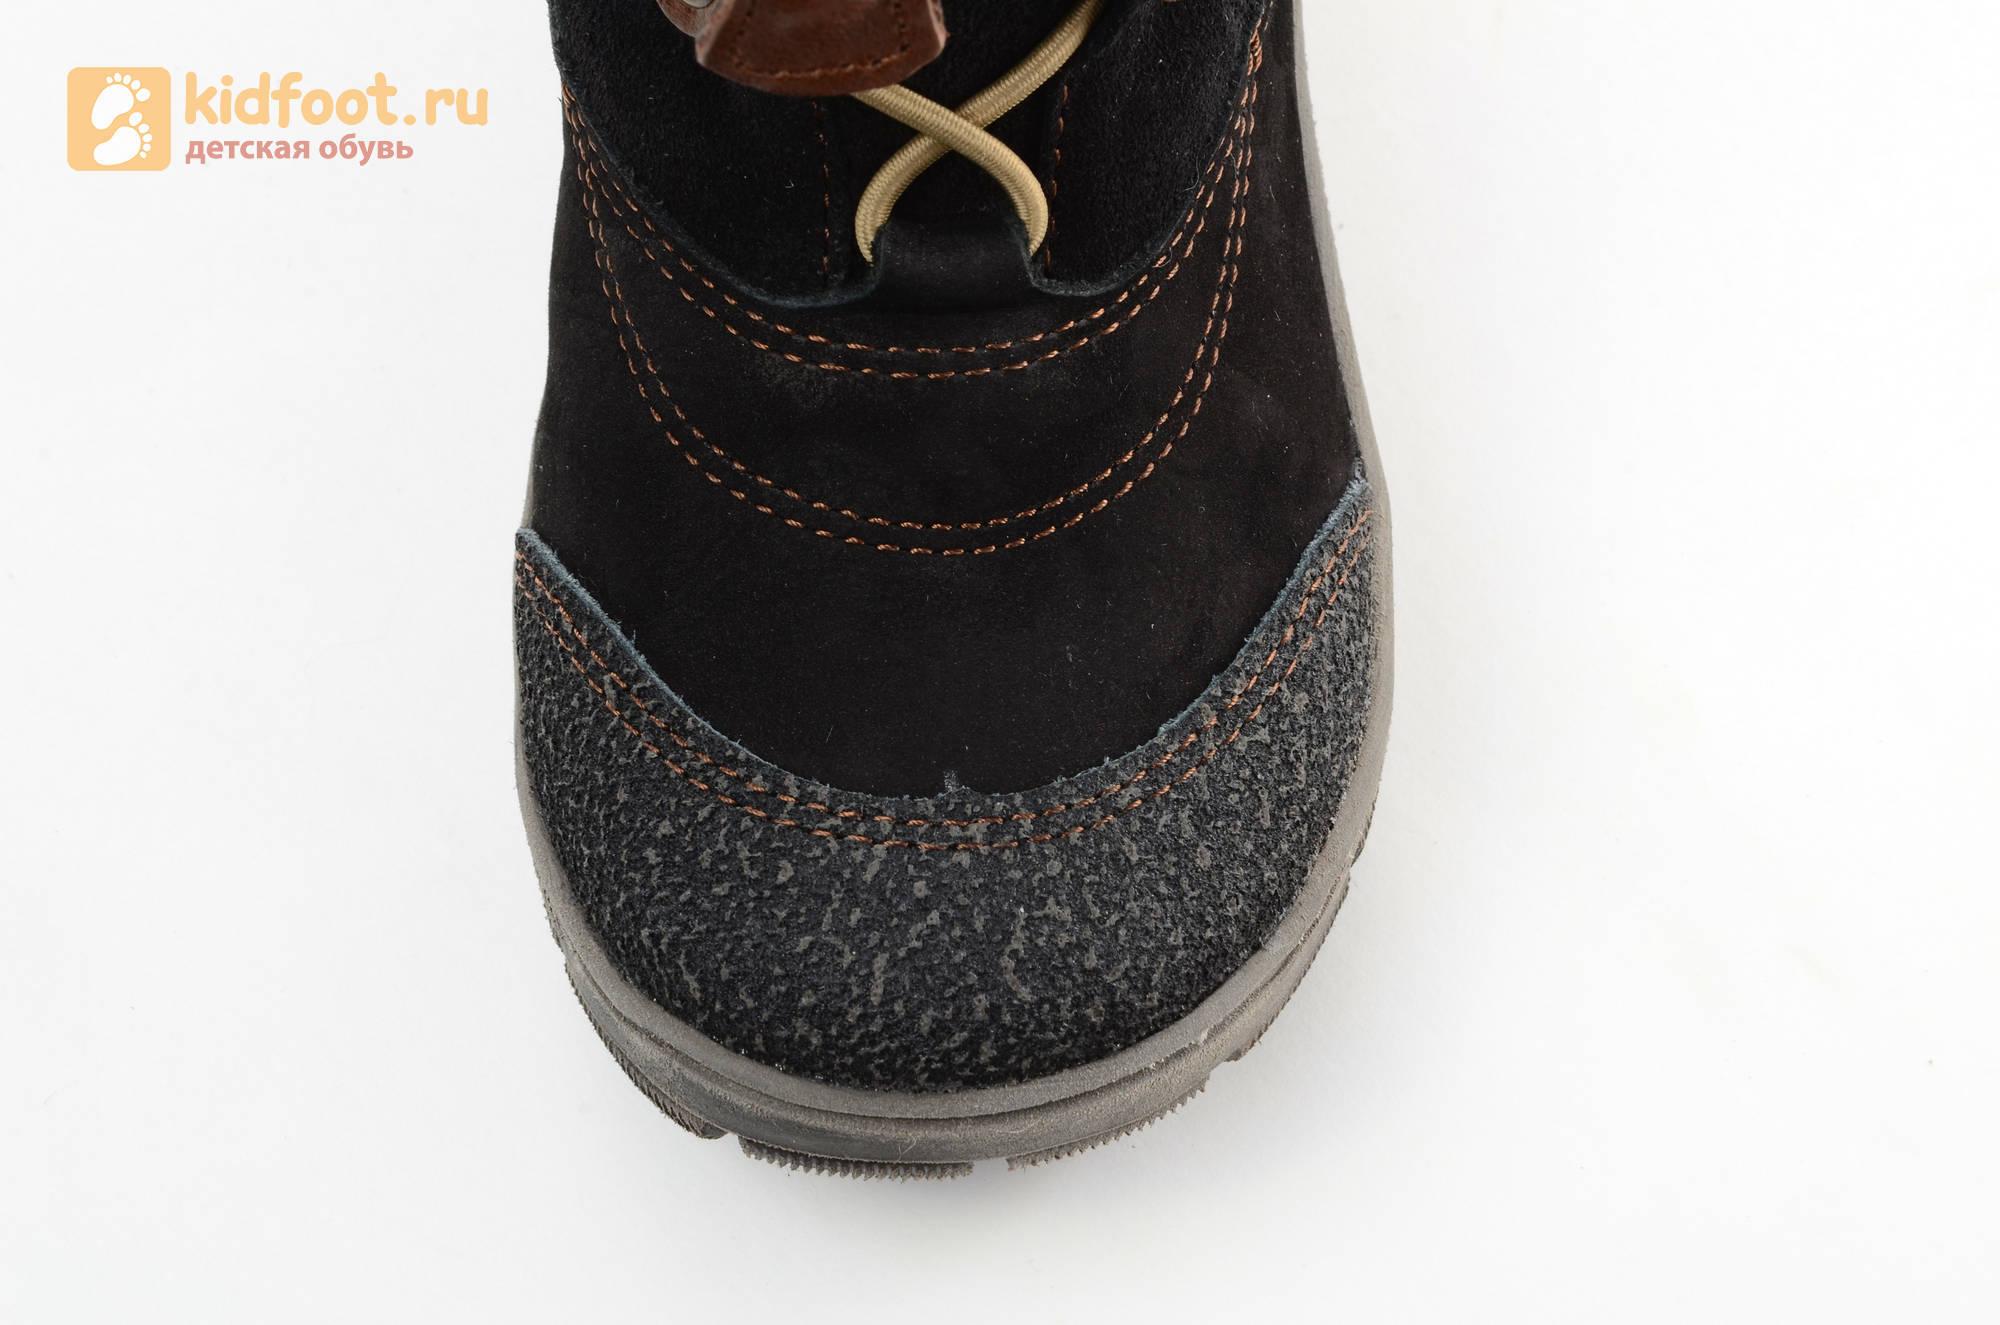 Зимние сапоги для мальчиков из натуральной кожи на меху Лель, цвет черный